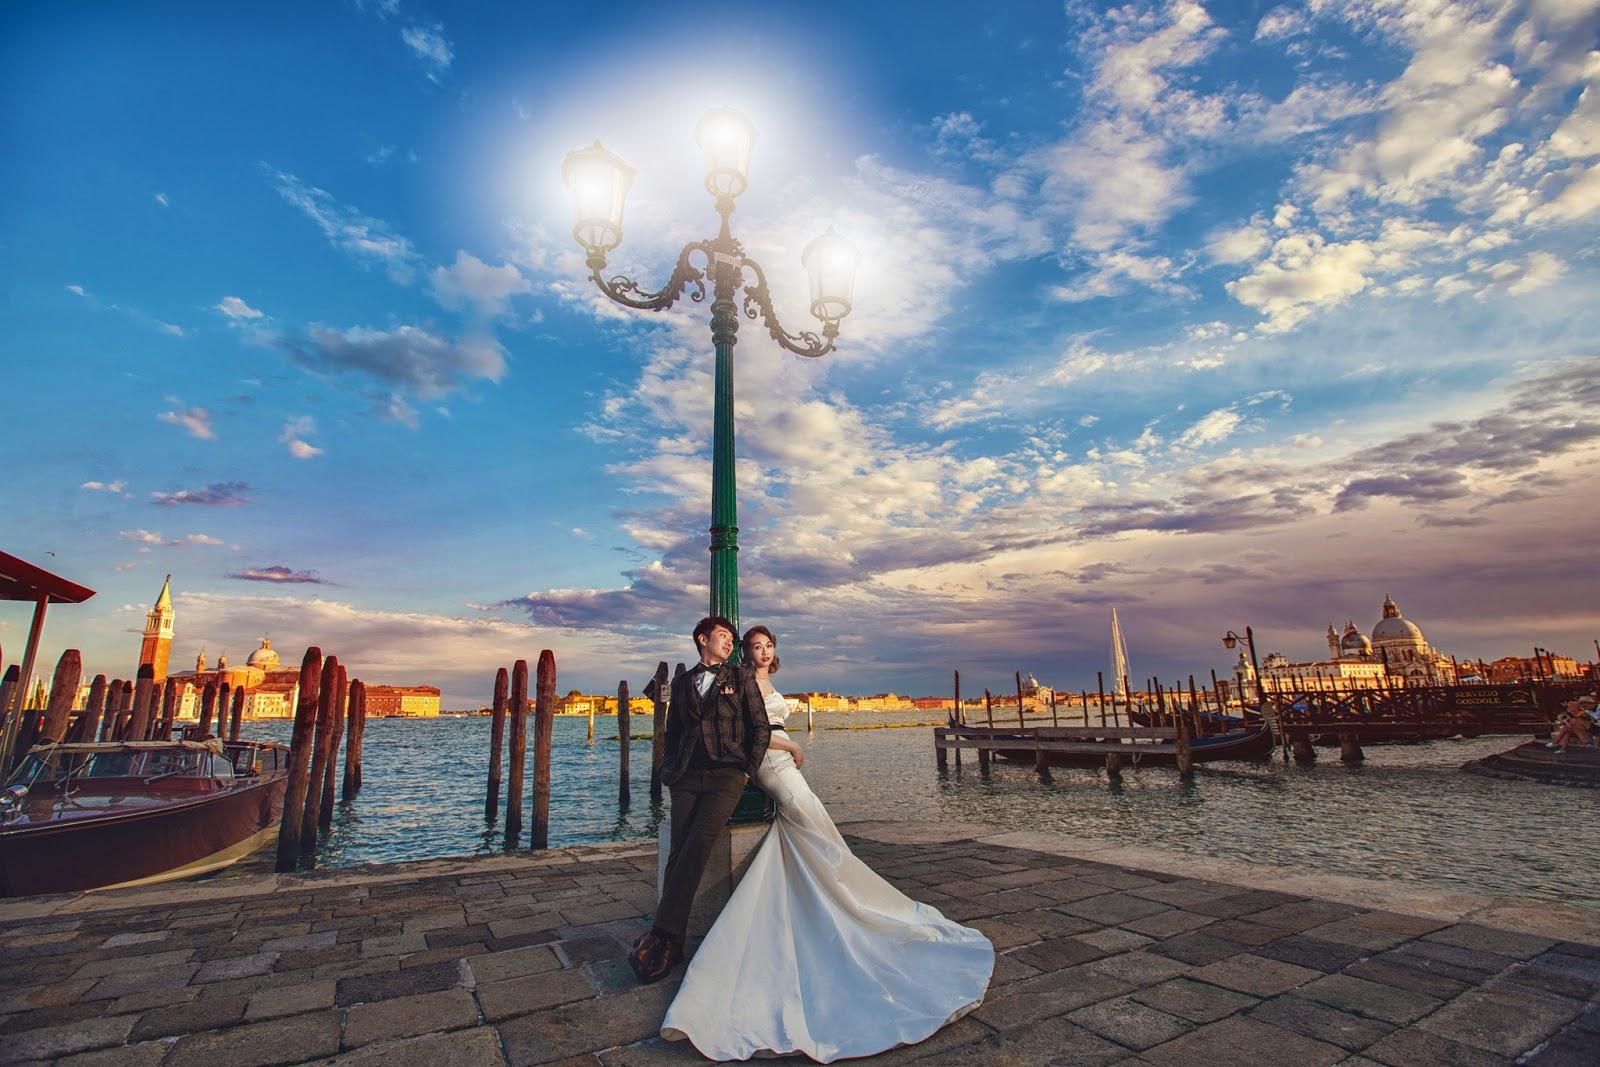 水上之都的威尼斯非常美,我們真心推海外婚紗推薦,在布拉格PRAGUE拍婚紗,我們會帶您到私密拍攝景點,威尼斯婚紗必拍景點,威尼斯婚紗,義大利婚紗,台北租禮服推薦,我們還去拍了共多拉船,聖母院,嘆息橋,總督宮清晨,麥桿橋,聖馬可廣場,彩虹島